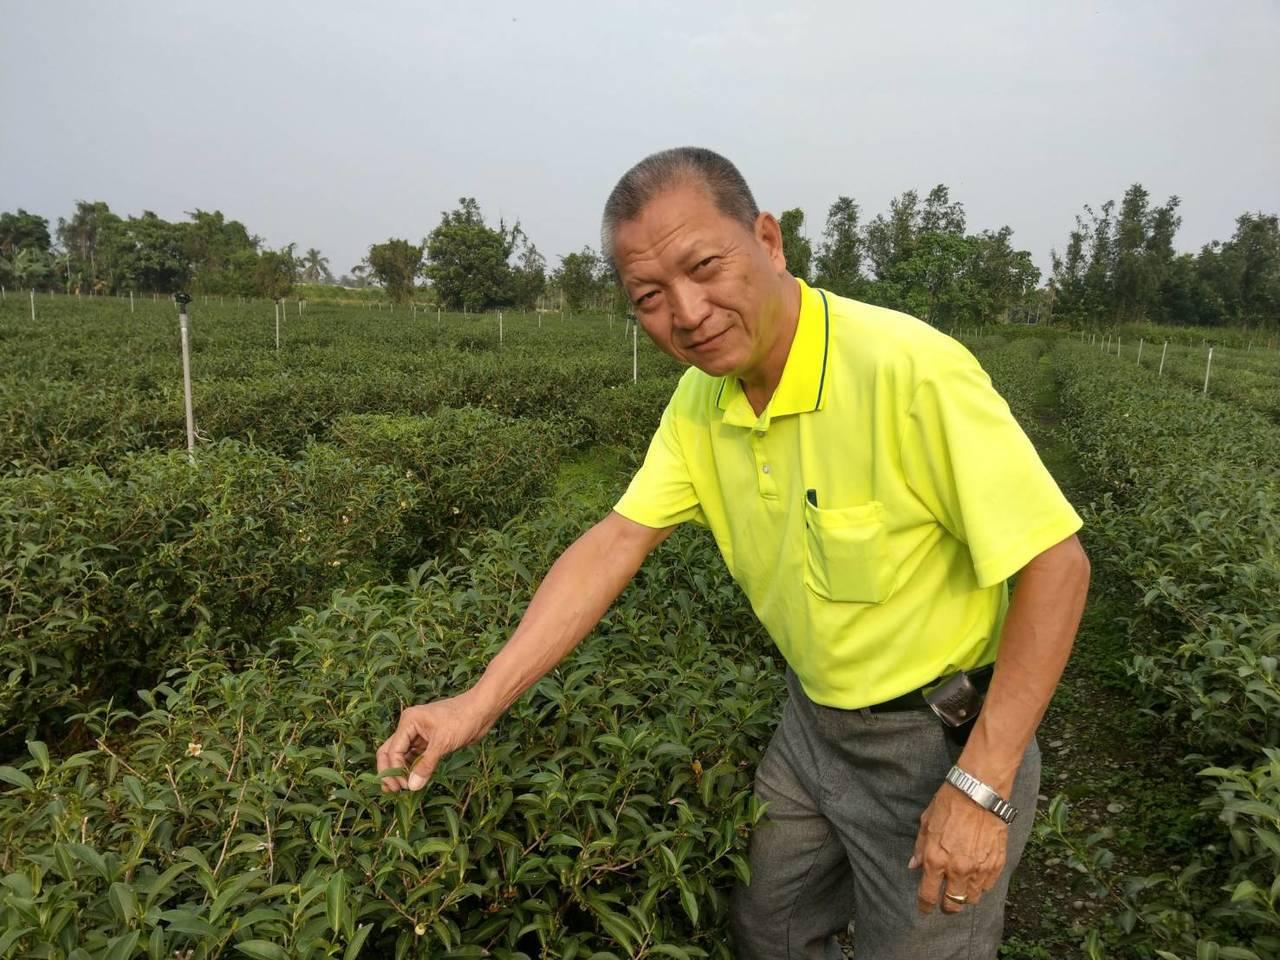 屏東高樹的65歲郭榮冠是退伍軍人,3年前開始在家鄉種植茶樹目前種植面積達兩公頃,...